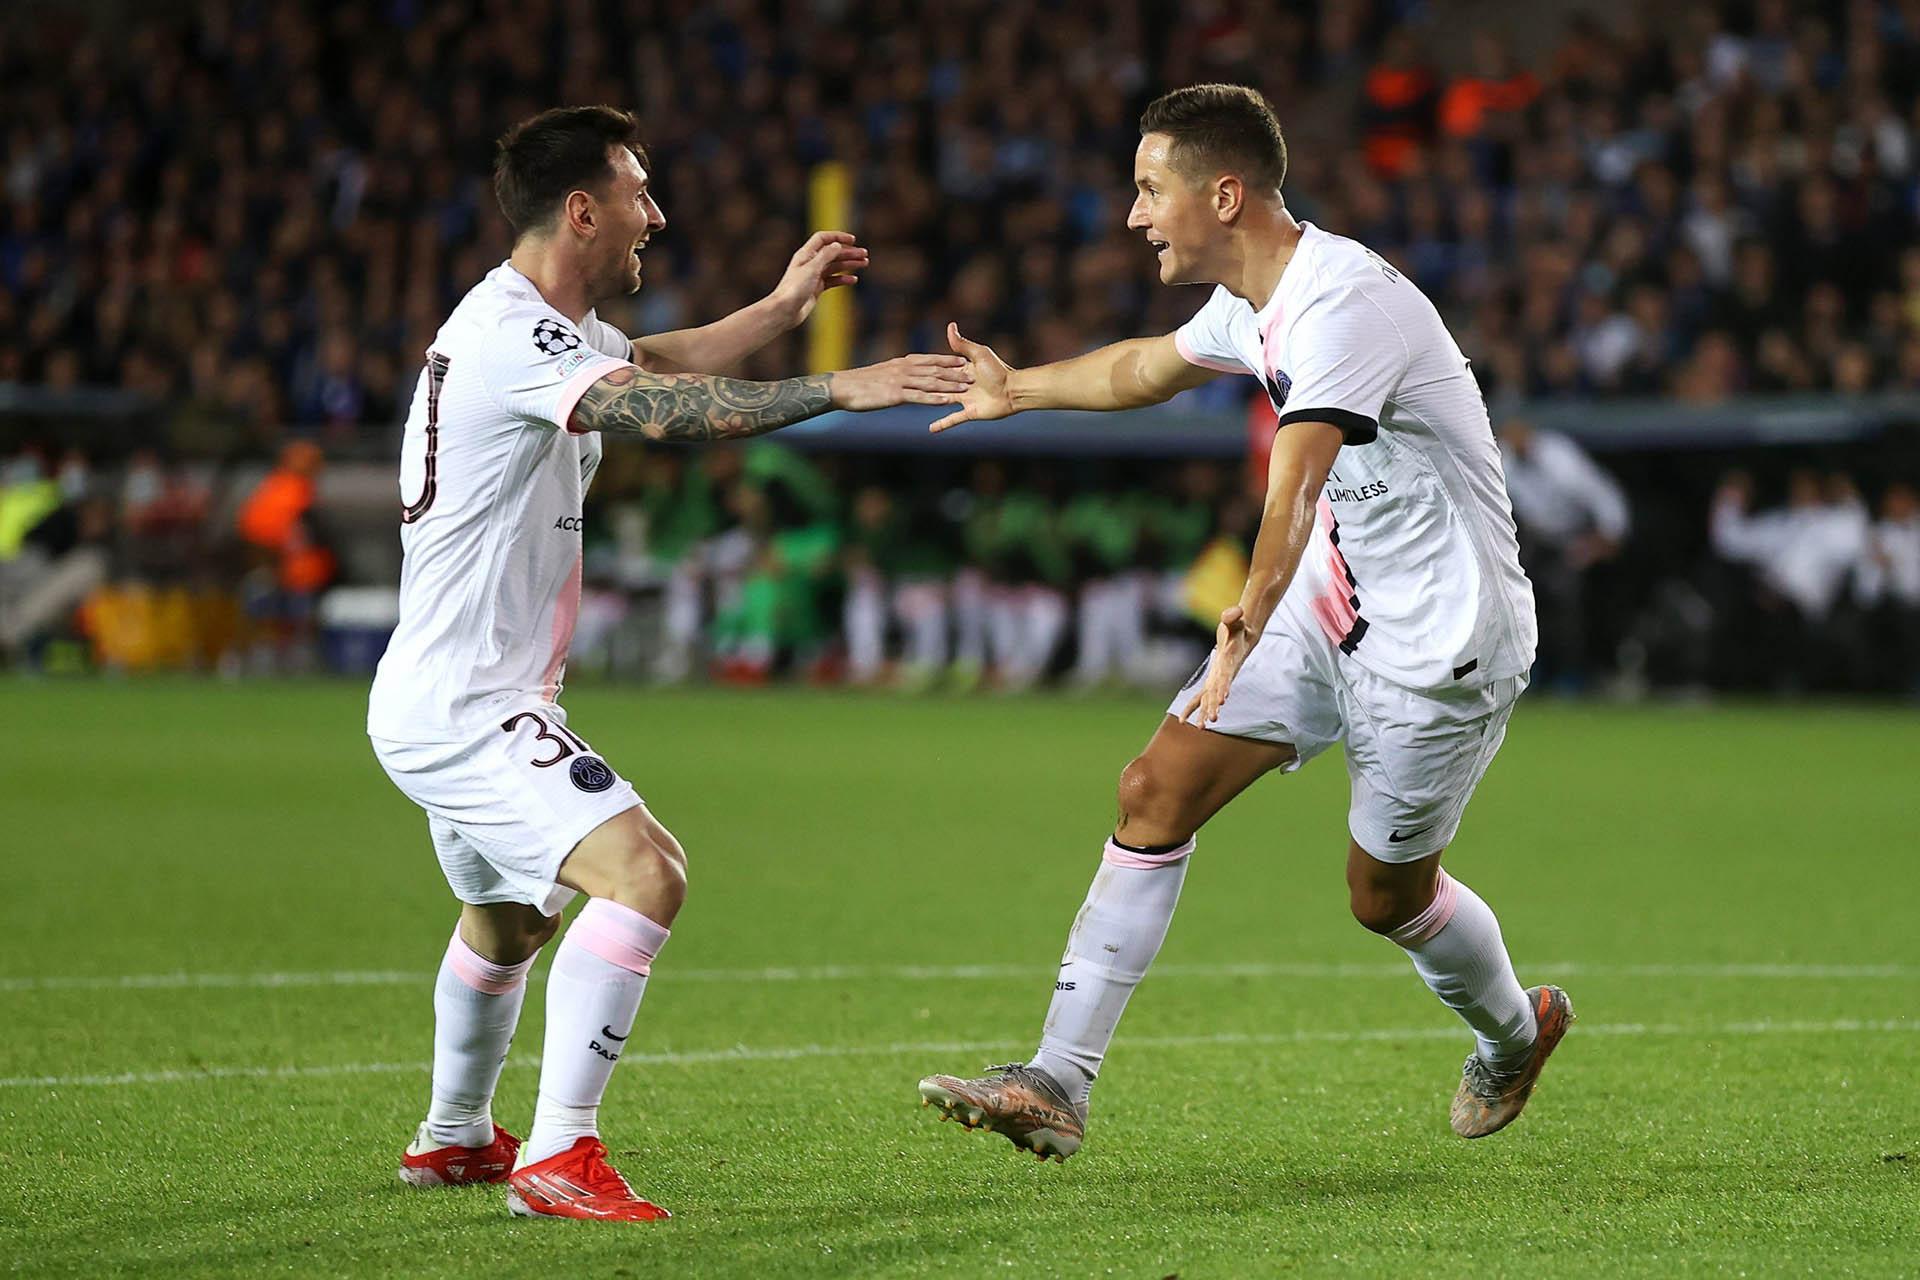 Ra mắt Messi, PSG gây thất vọng trên đất Bỉ -0